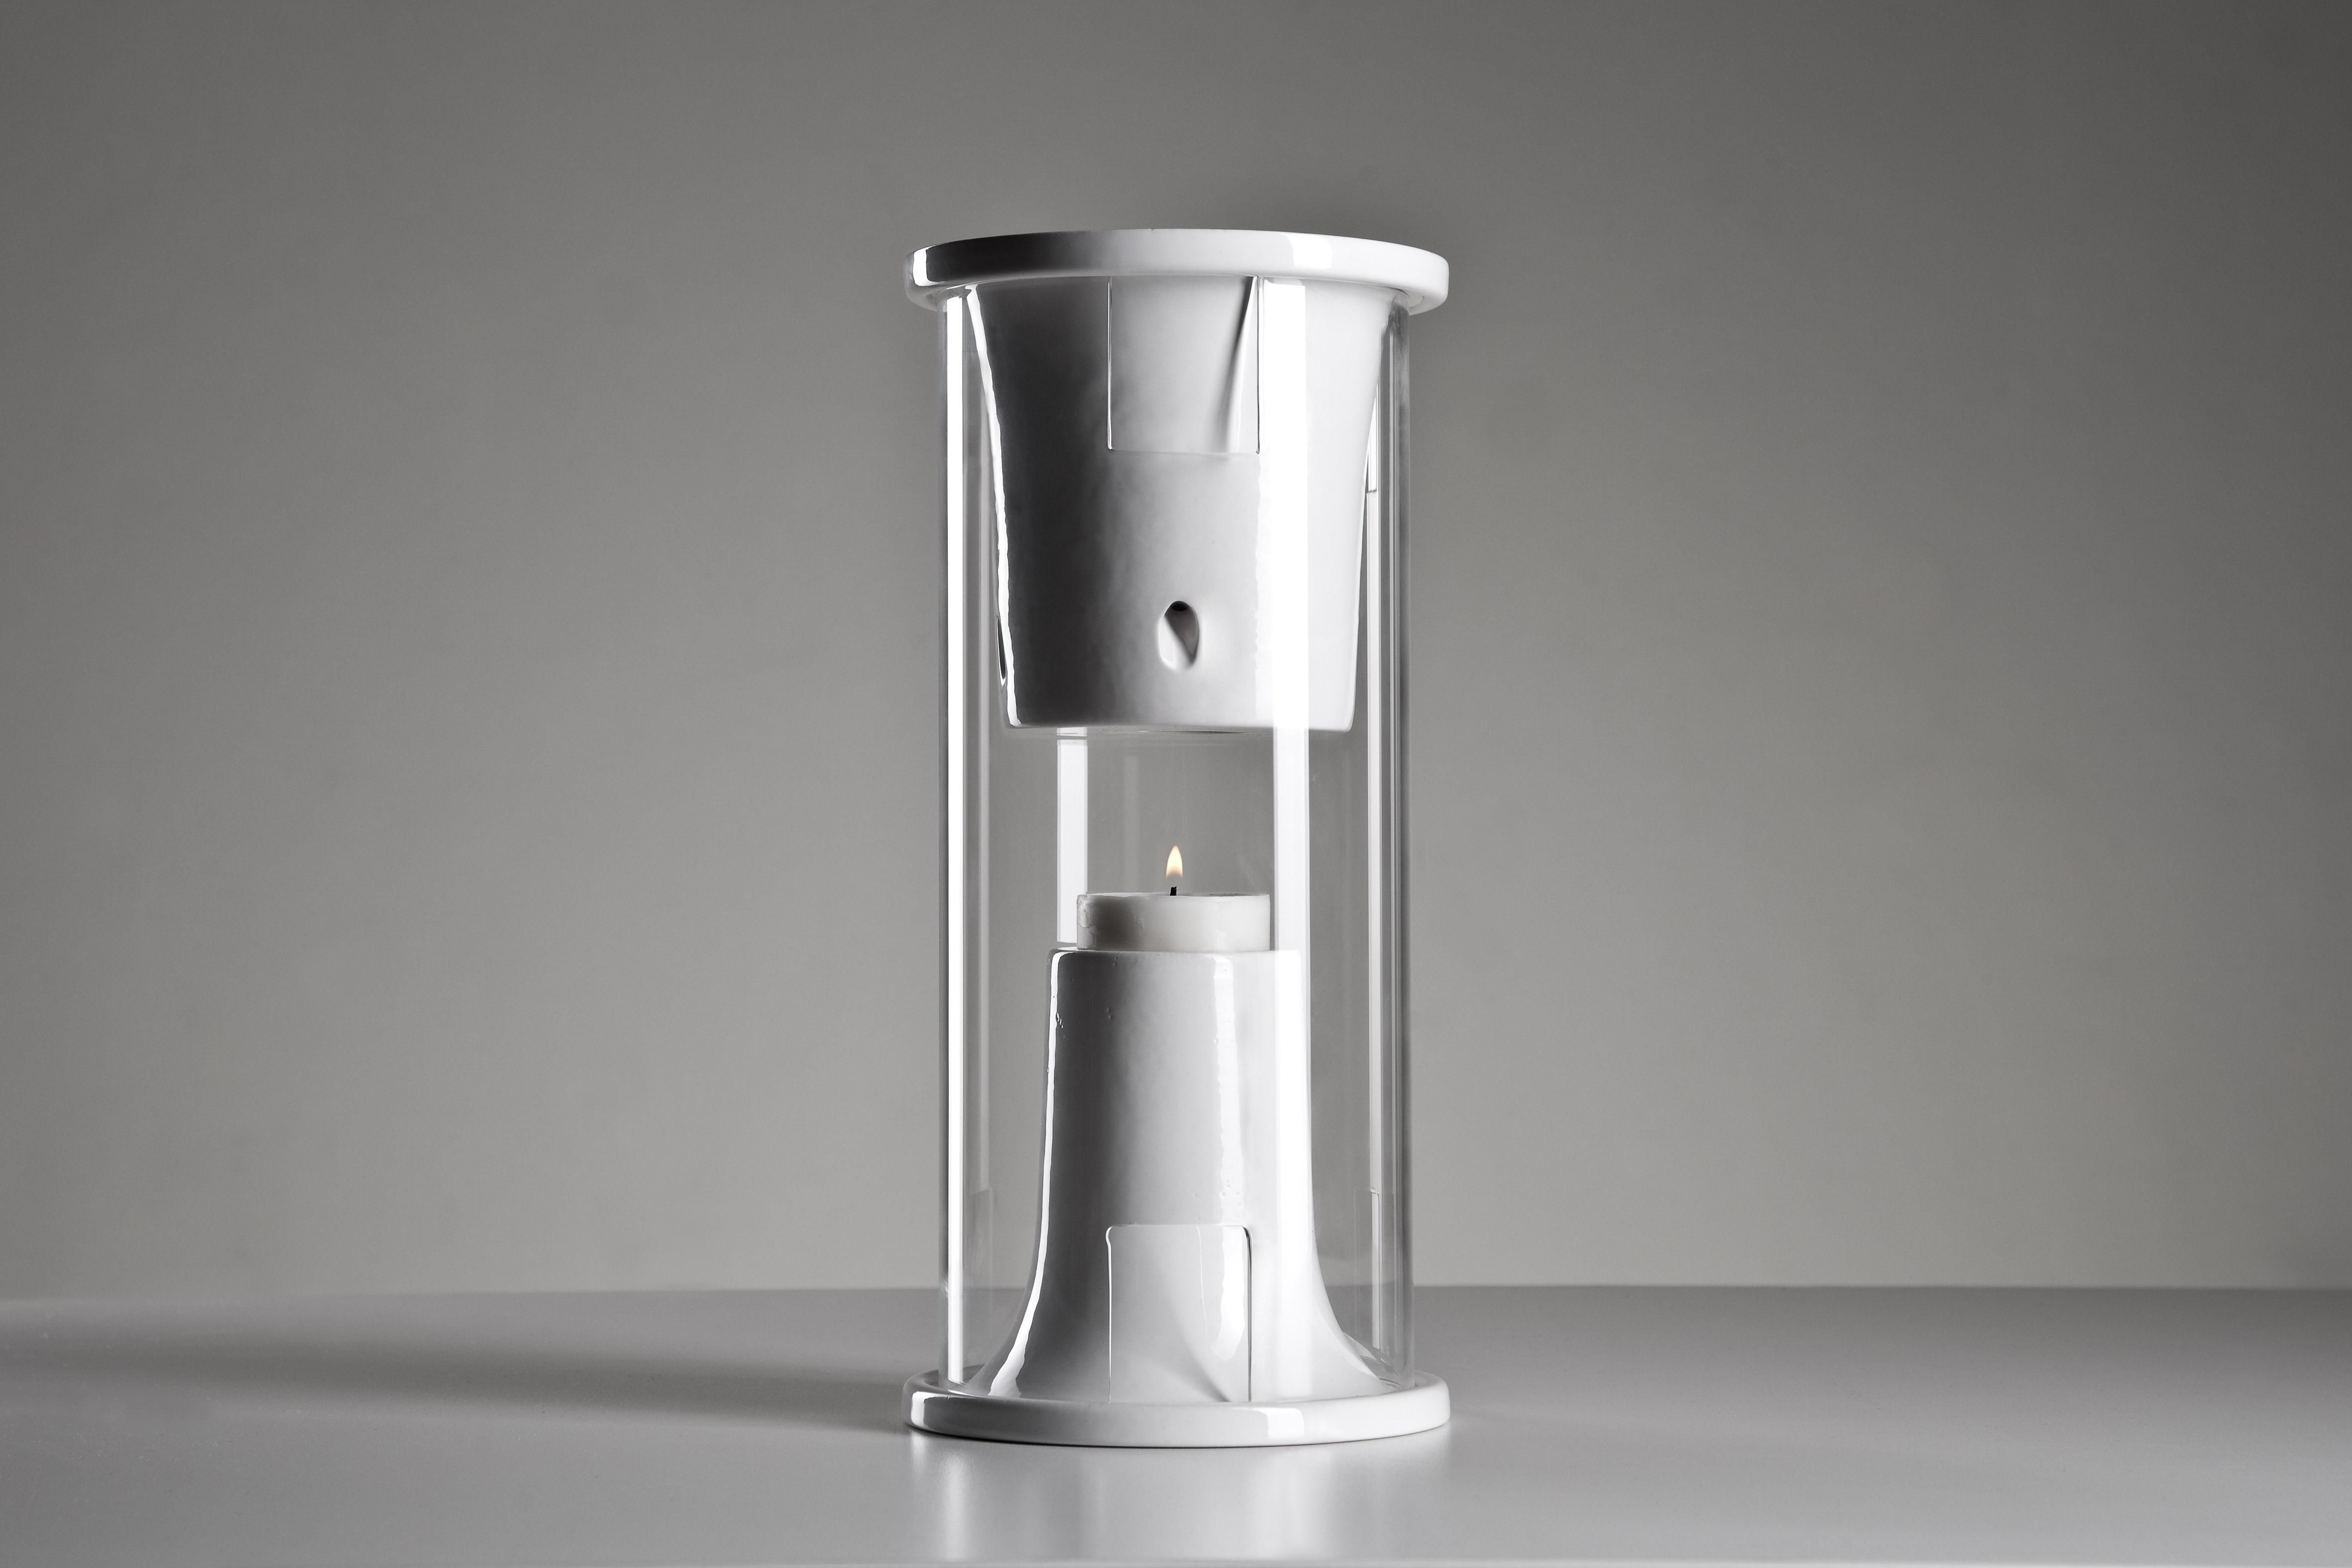 BASIC Gadgets: Musikgenuss mit Kopfhörern ohne Kabel sowie Dusch-, Kerzenenergie- und Gewitterwolken-Lautsprecher